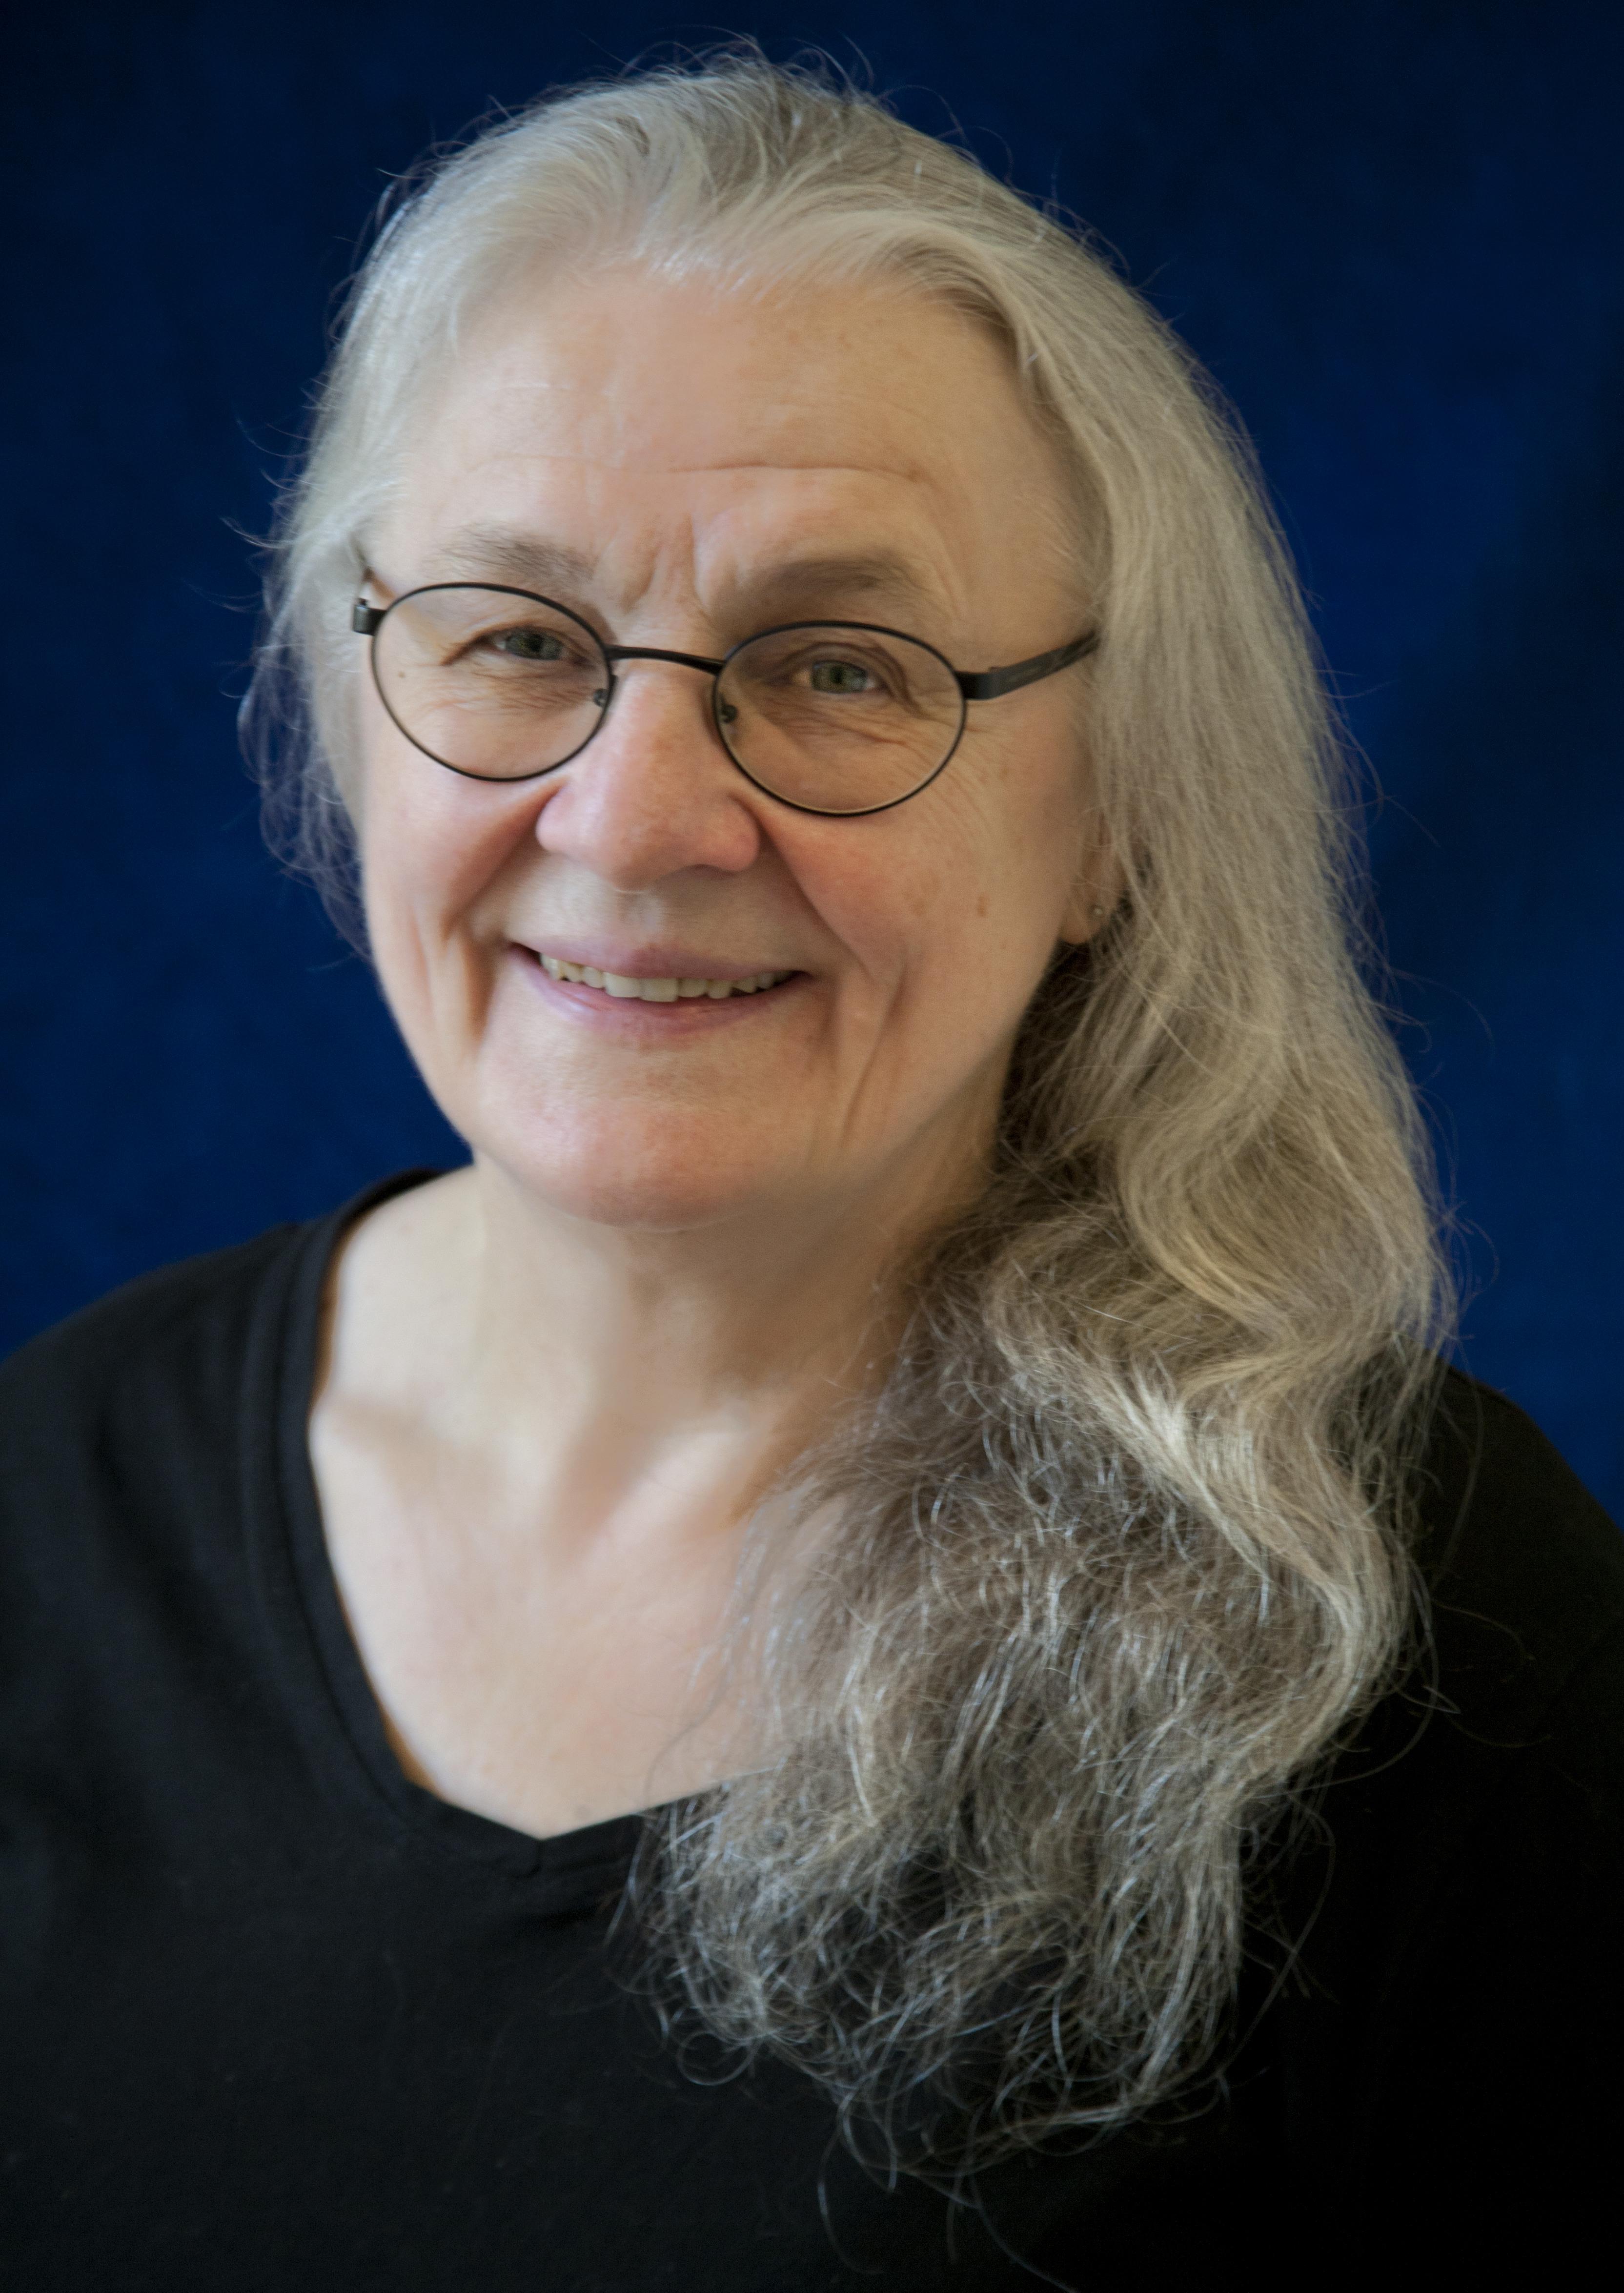 Ann Christine Nude Photos 5